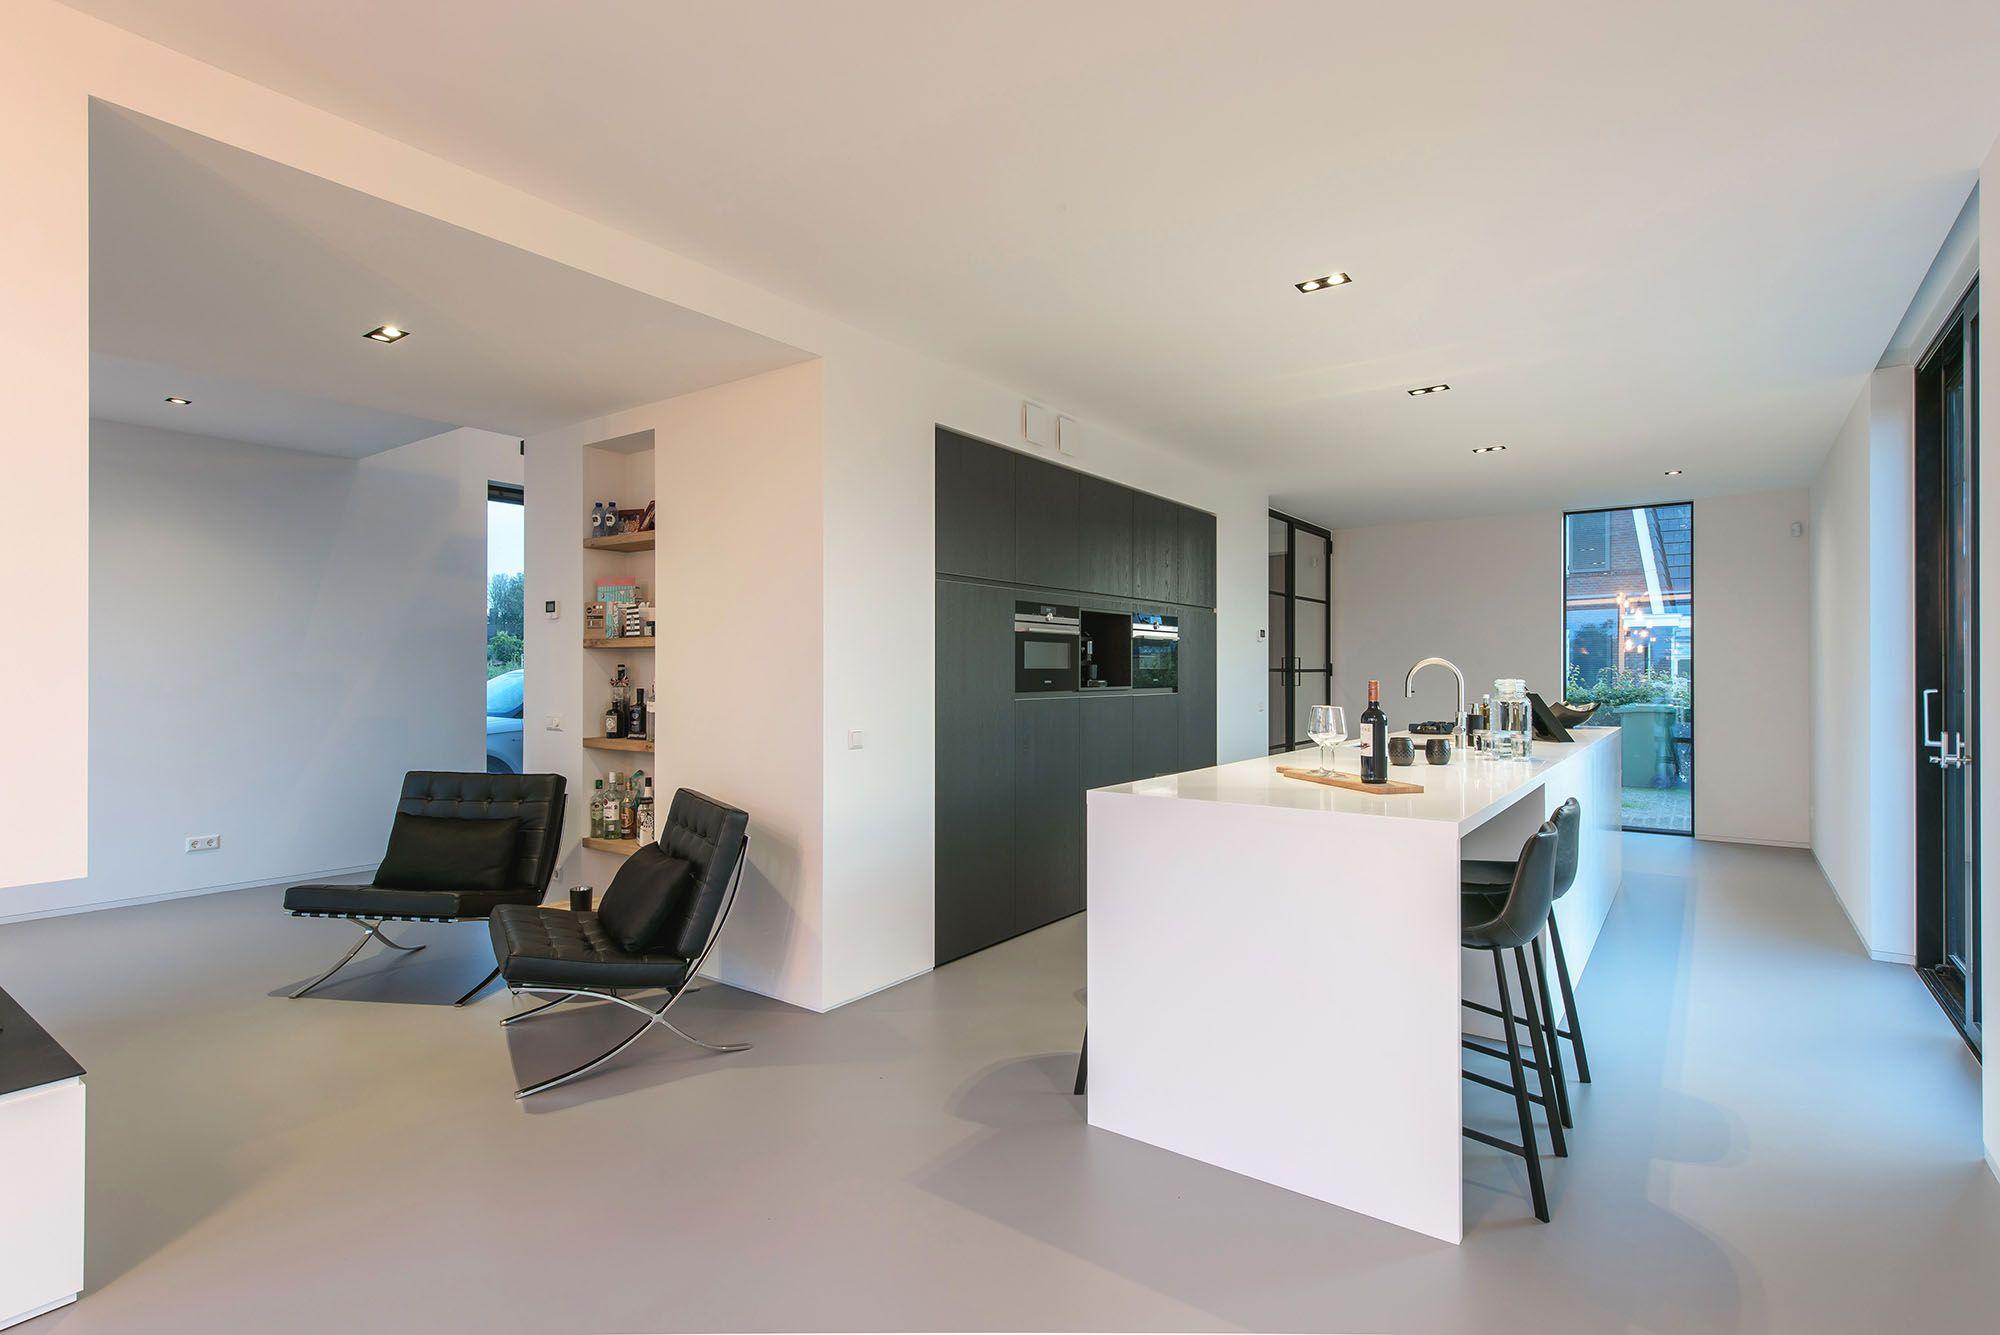 Modern villa interior kitchen in maasluis holland by jury